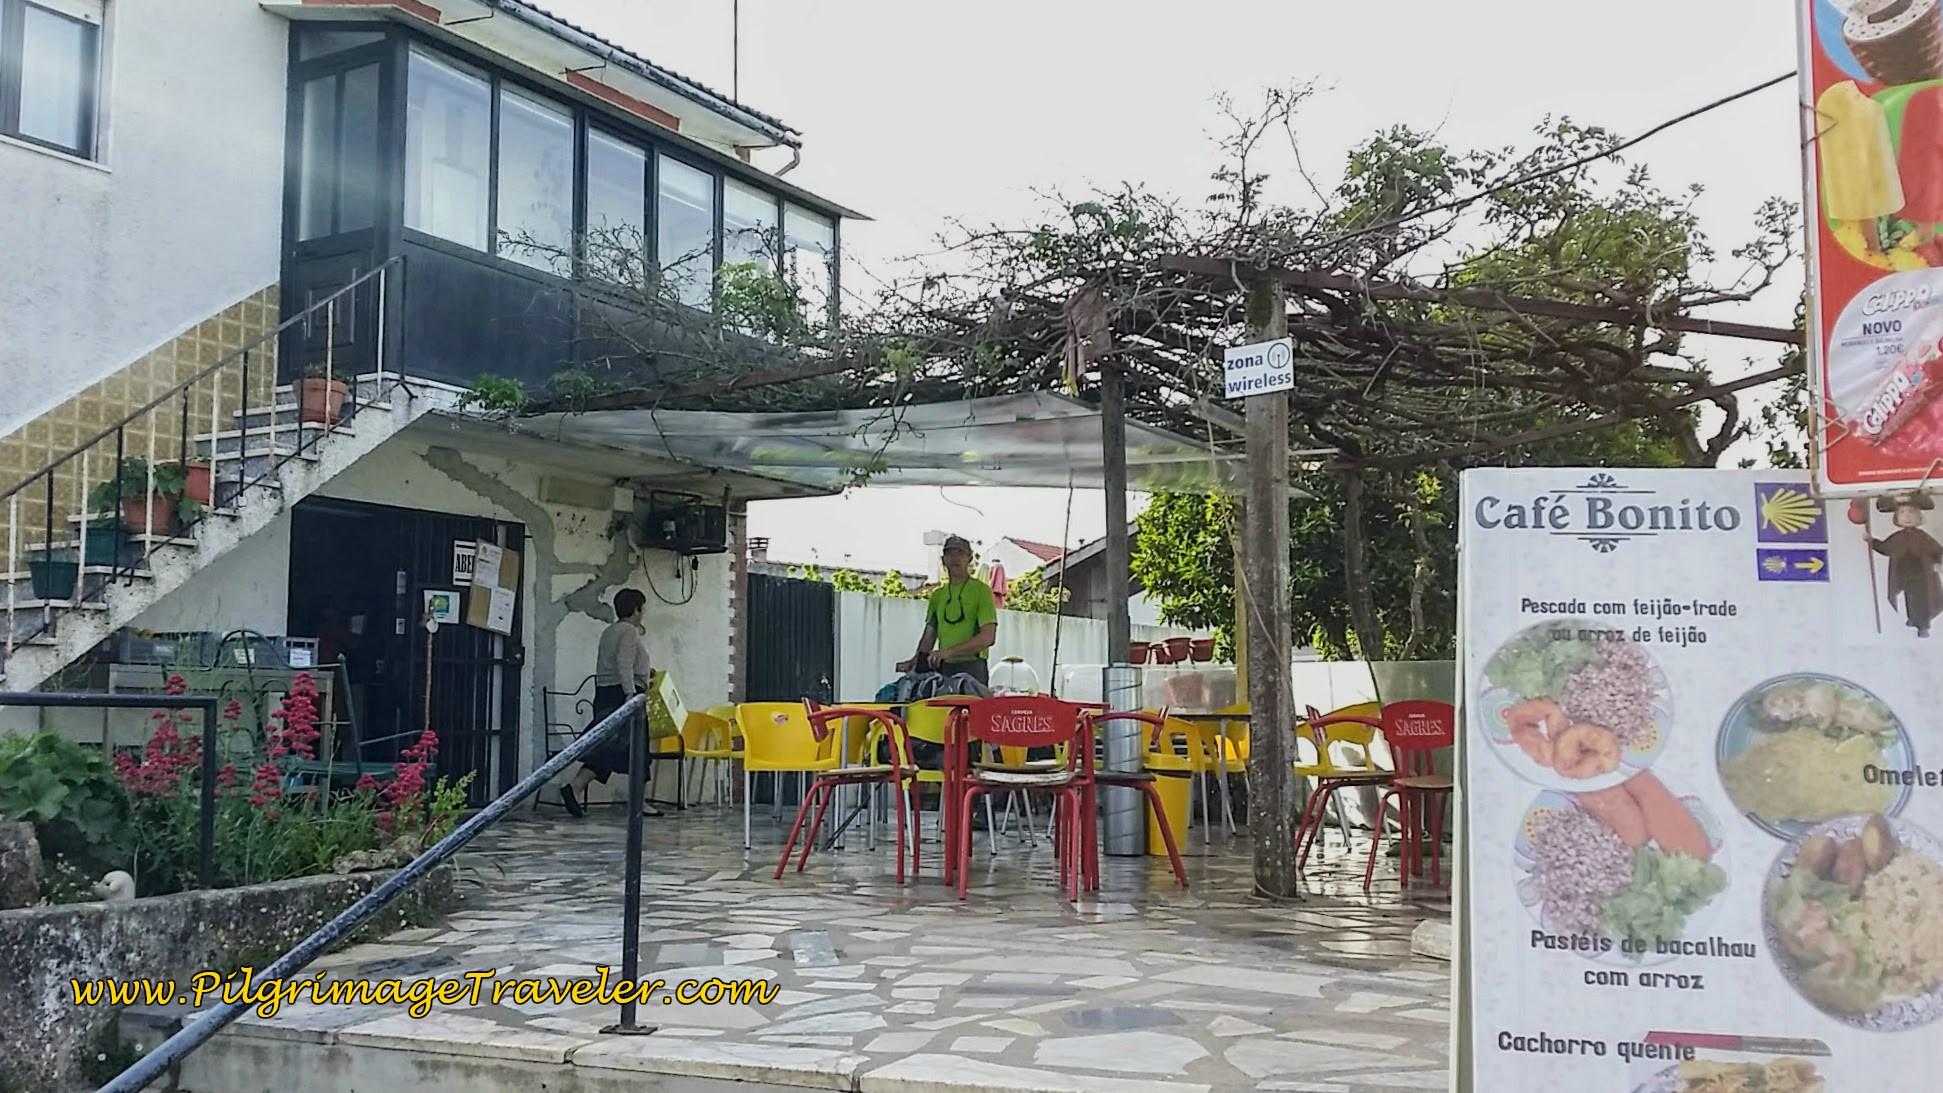 Café Bonito at the Albergue